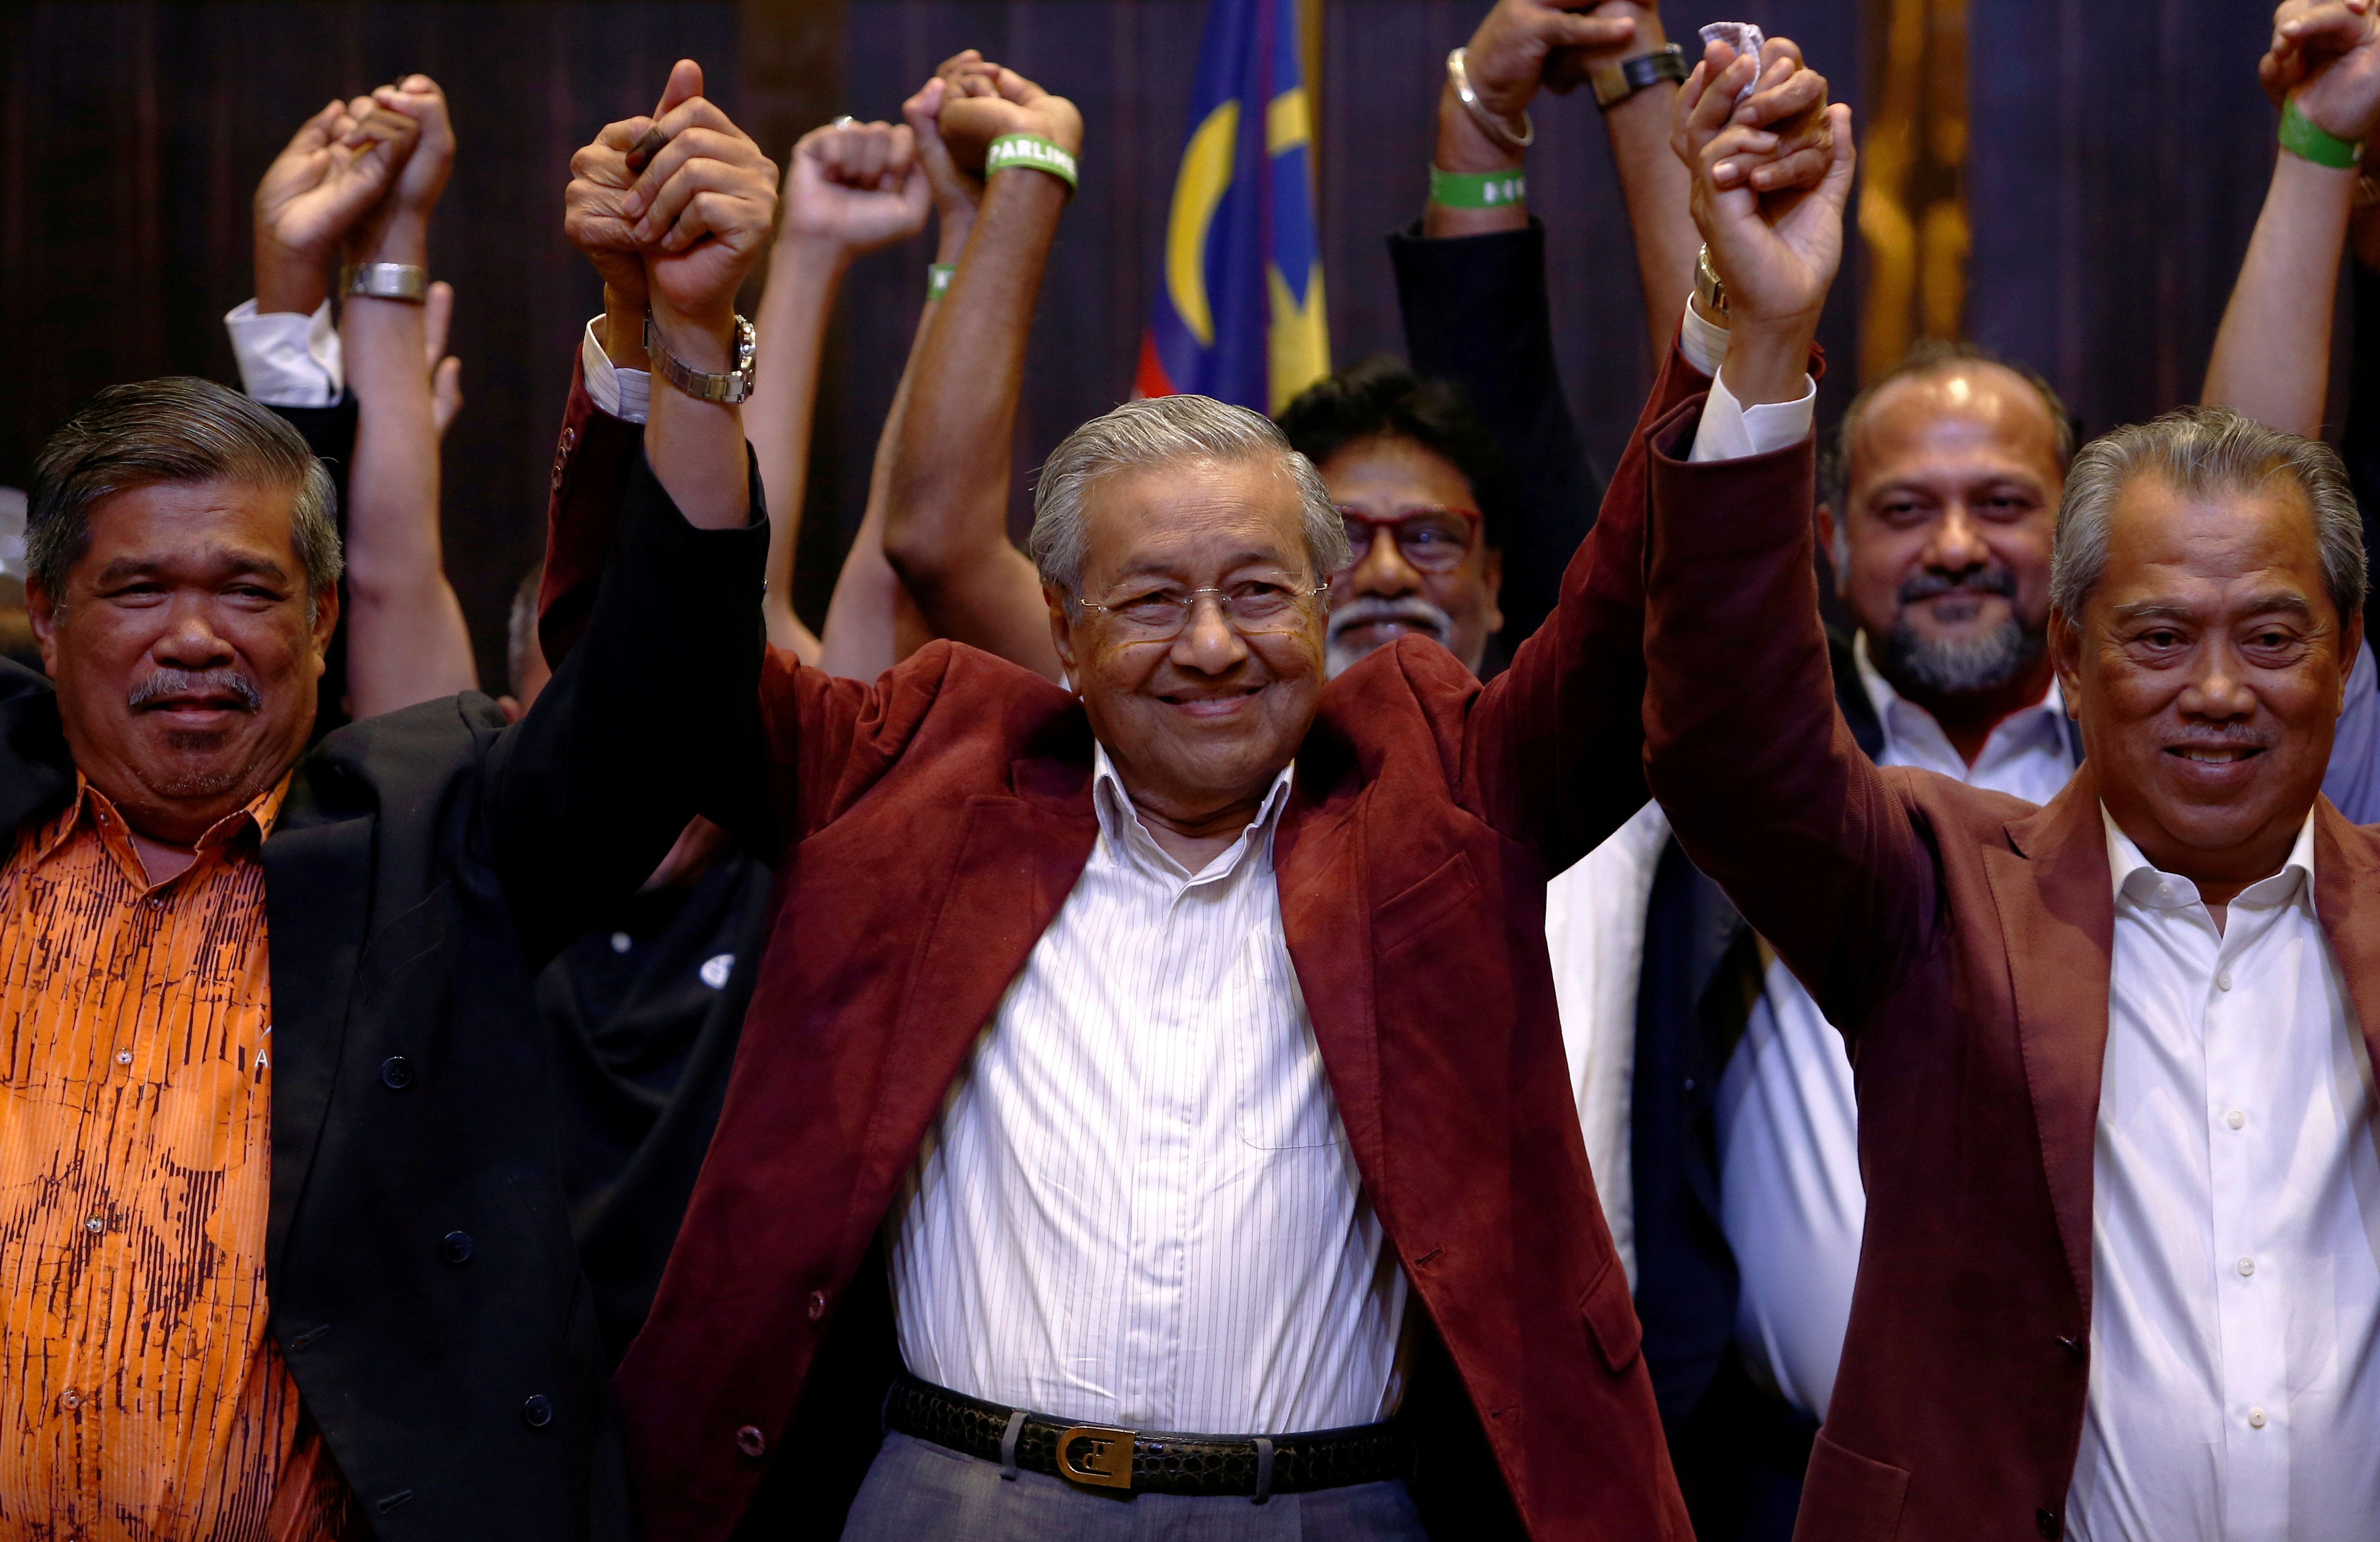 말레이시아의 새 총리는 경제발전기에 20년 넘게 장기집권한